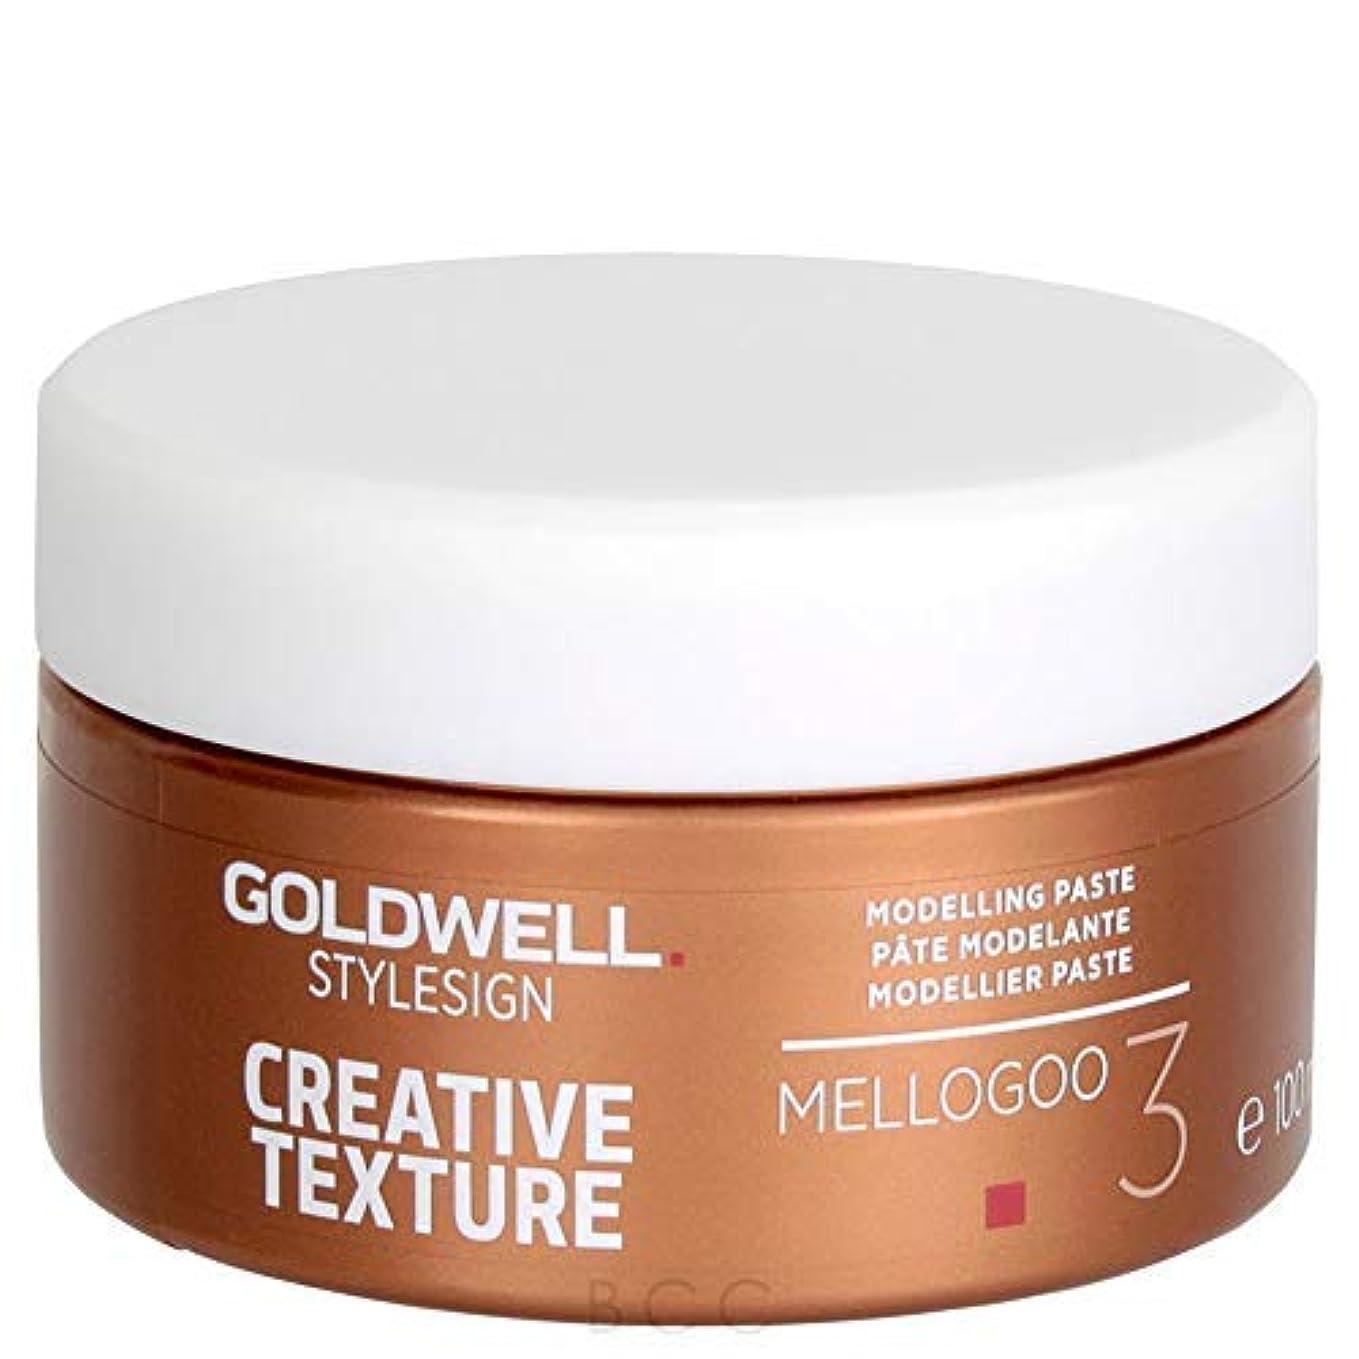 湿ったひまわり毛細血管ゴールドウェル スタイルサイン テクスチャー メログー 105ml GOLDWELL